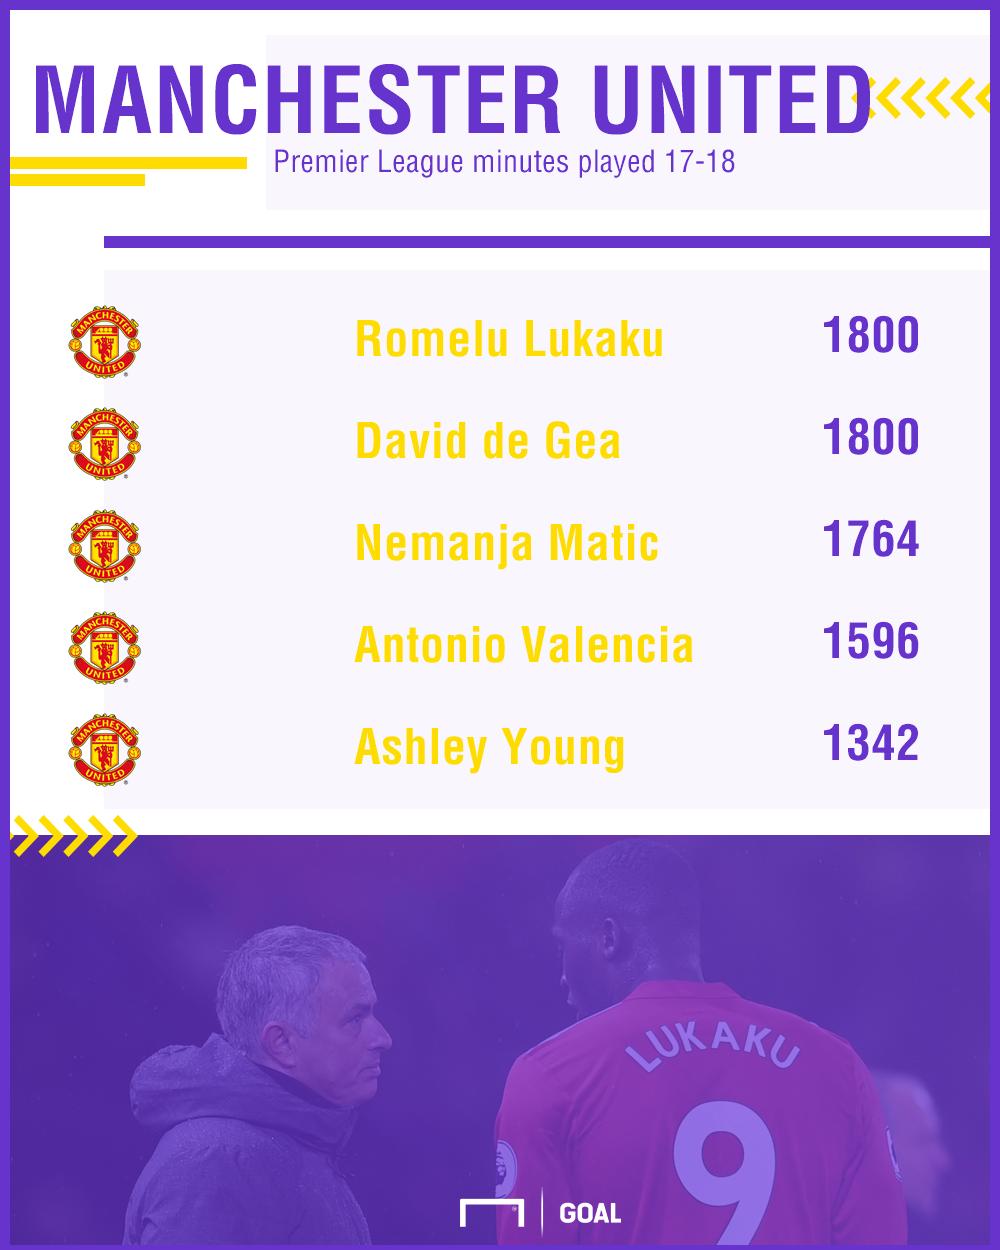 Manchester United Premier League minutes